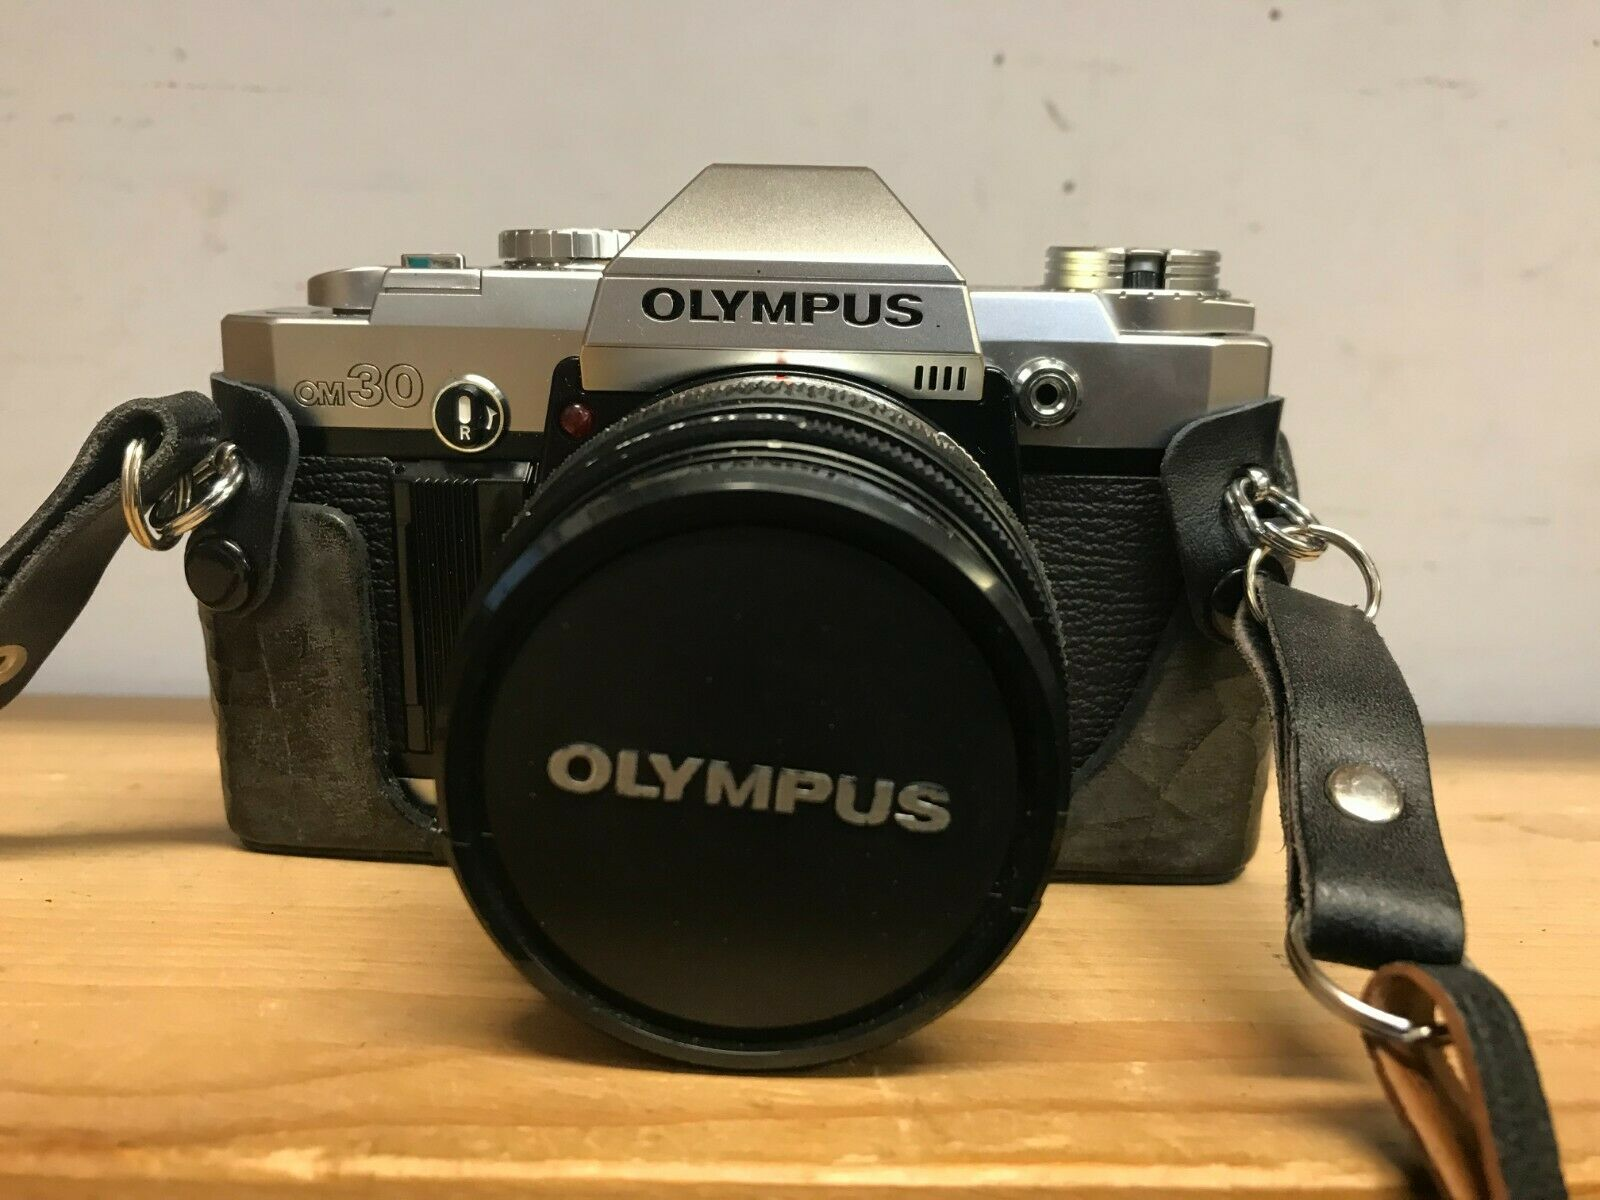 Olympus Camera OM-30 om-system / Zuiko / 35mm SLR Camera